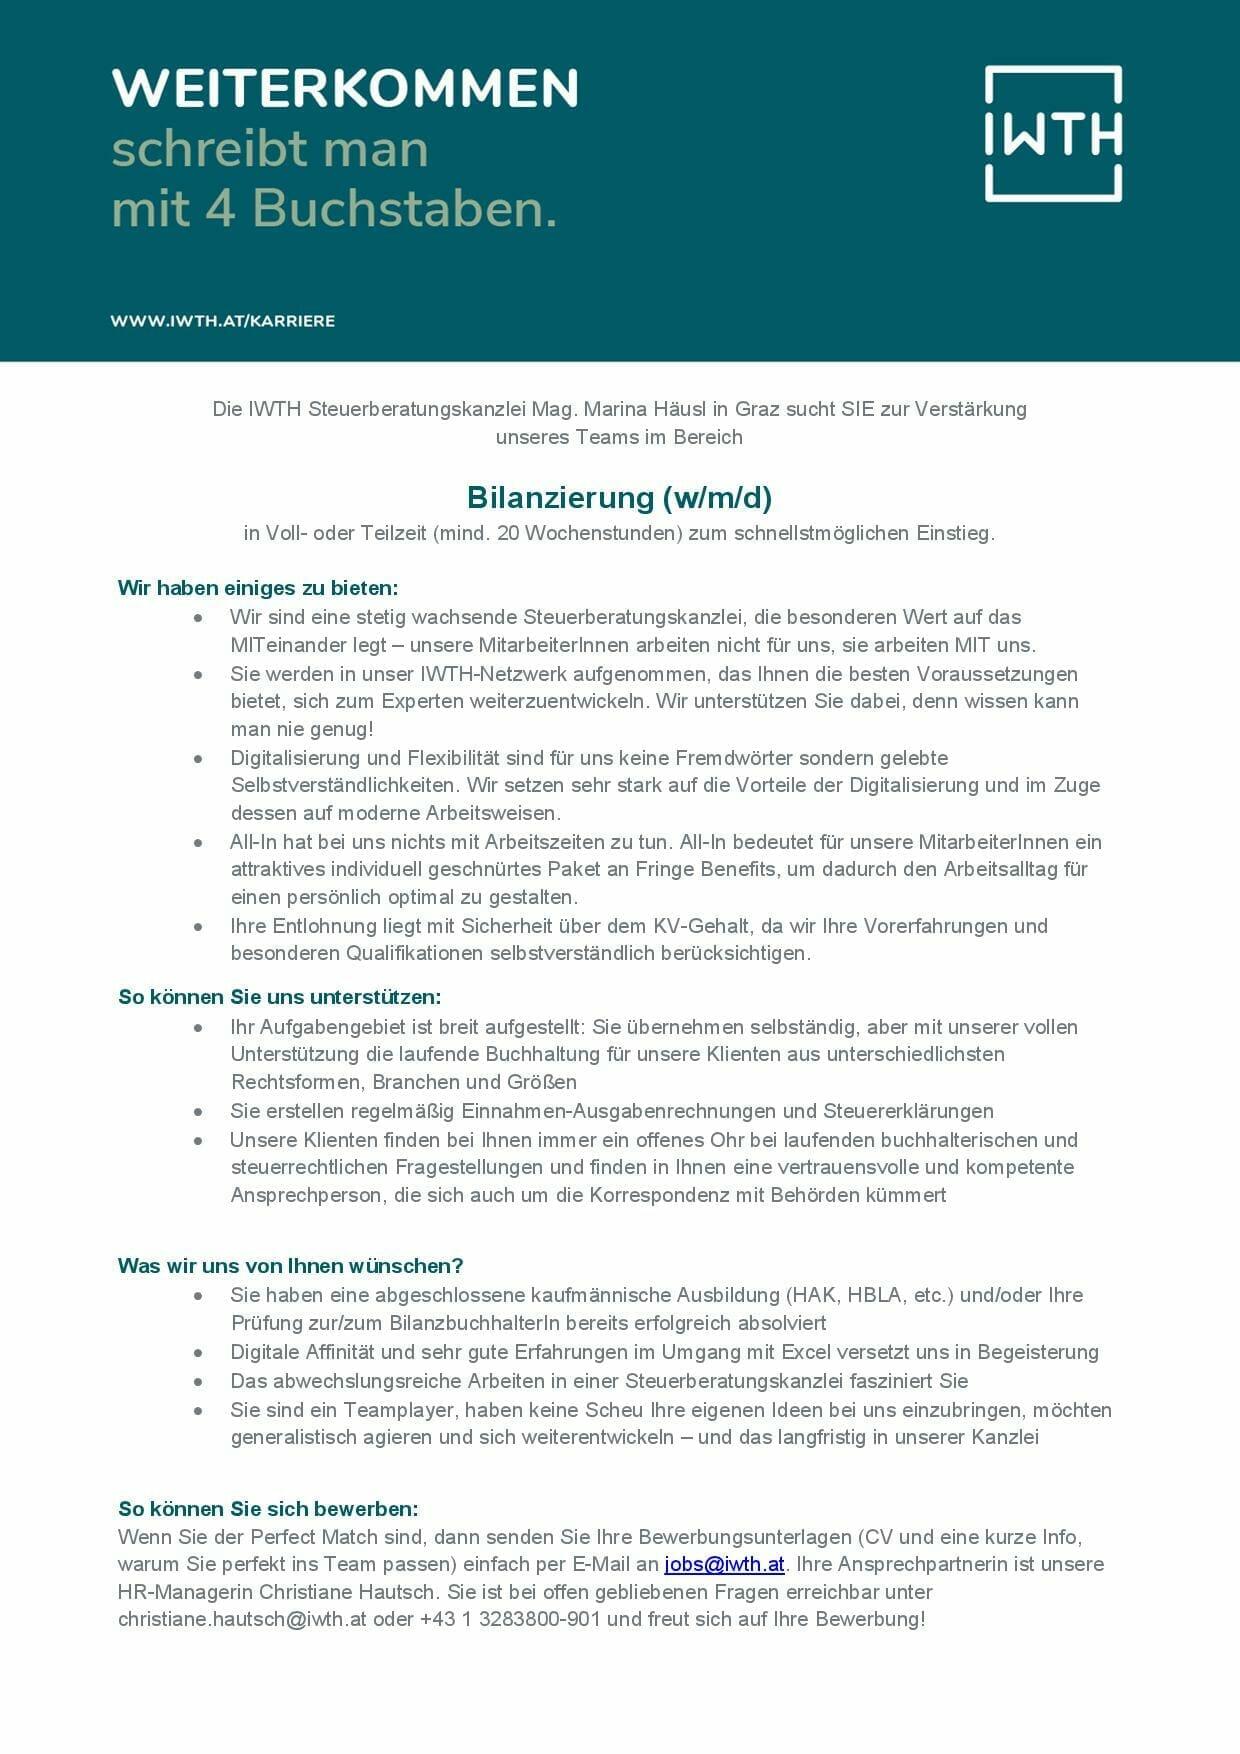 JPG IWTH_Stellenanzeige_Bil Graz 05-2021-page-001